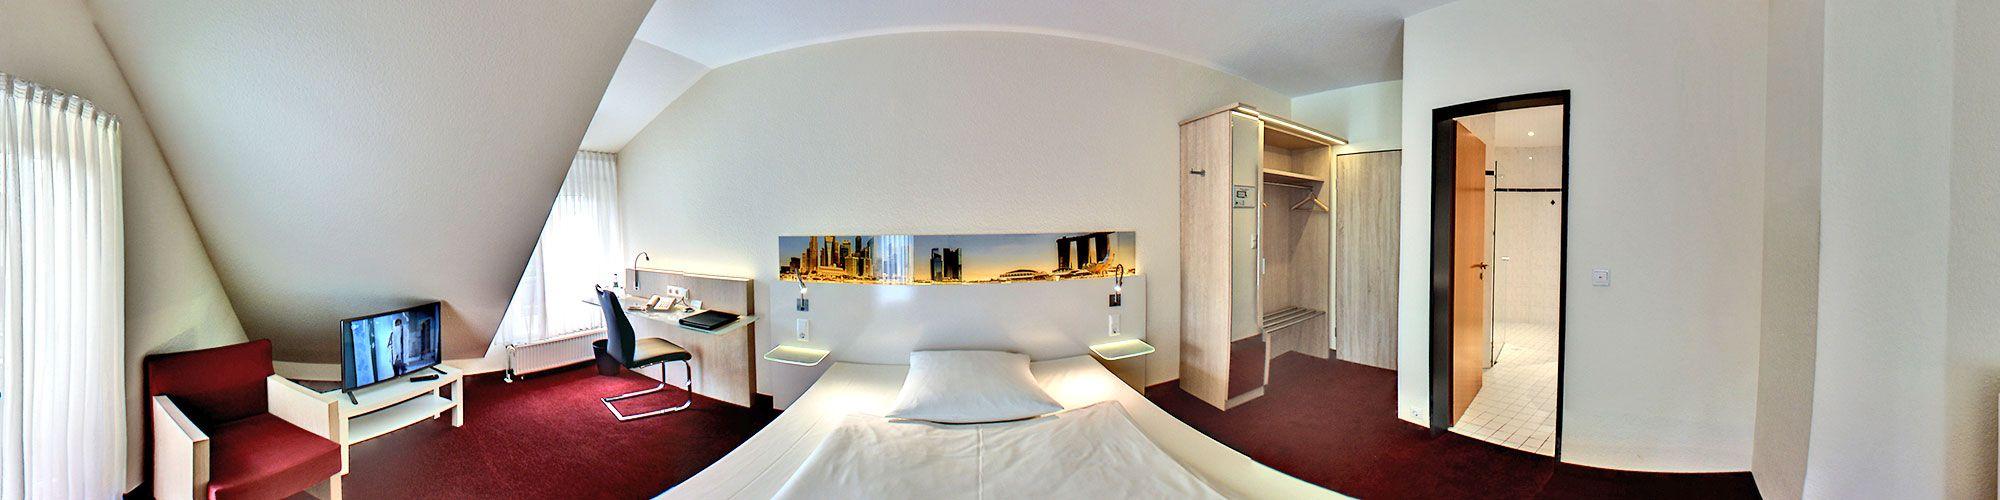 Wunderbar Nehmen Sie Ein Objektives Hotel An Der Rezeption Auf ...